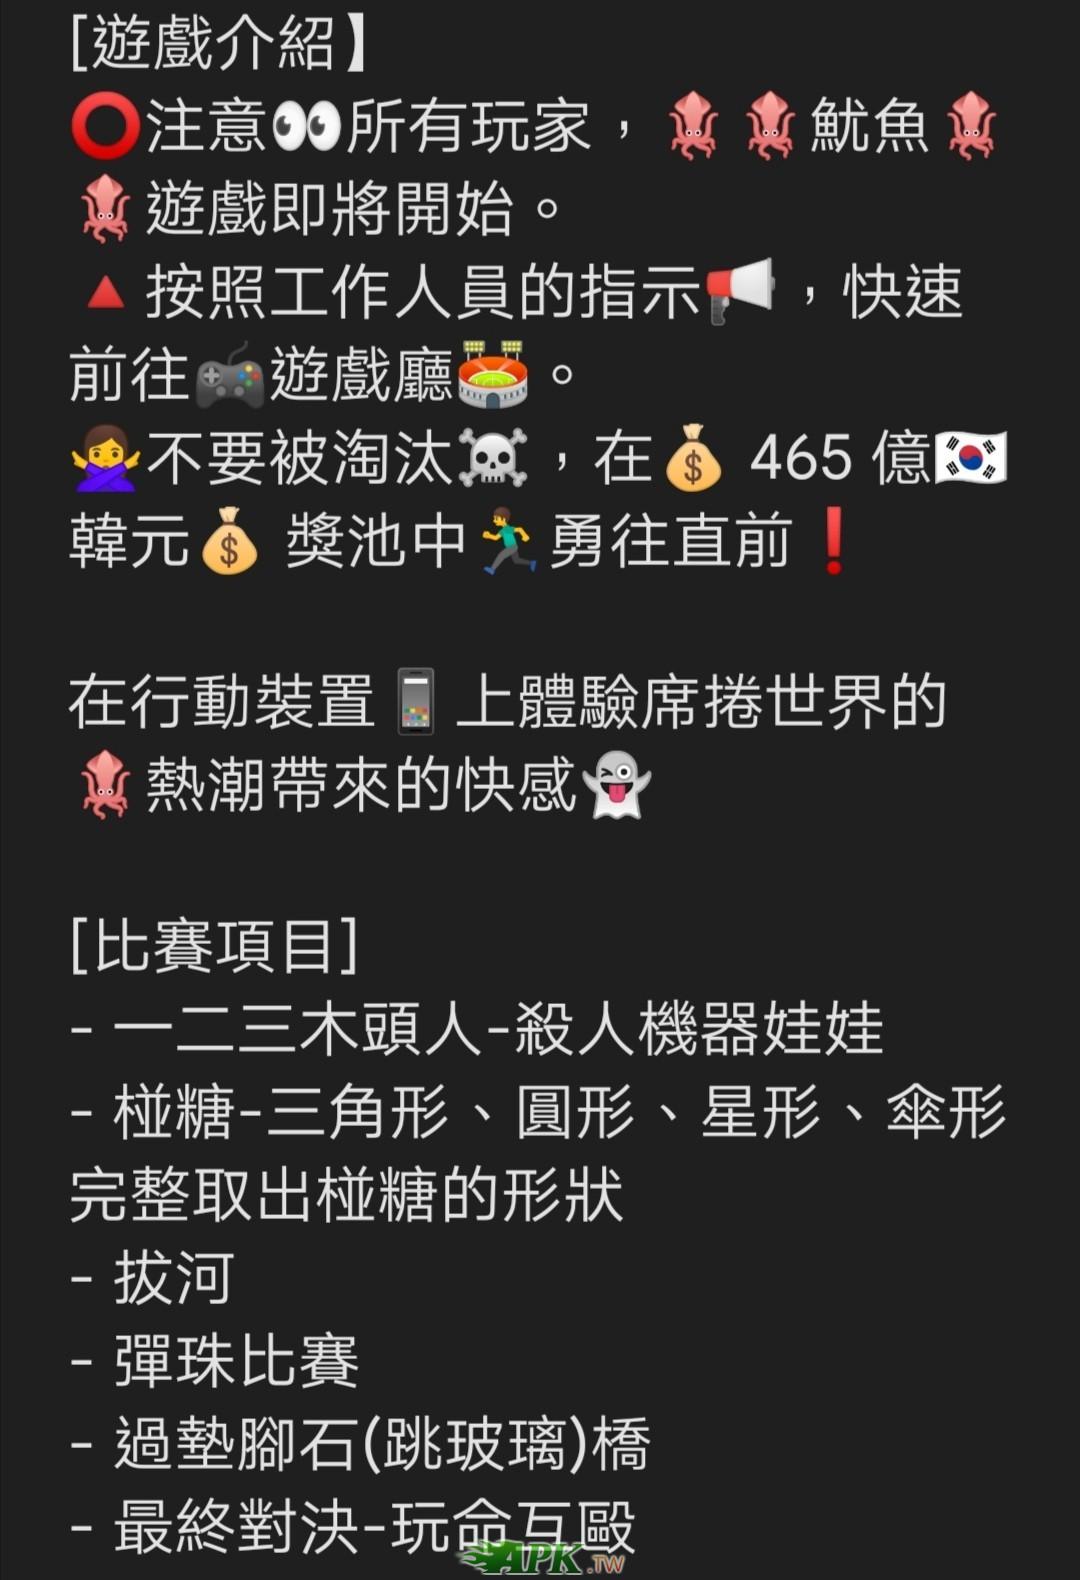 Screenshot_20211014_000211.jpg